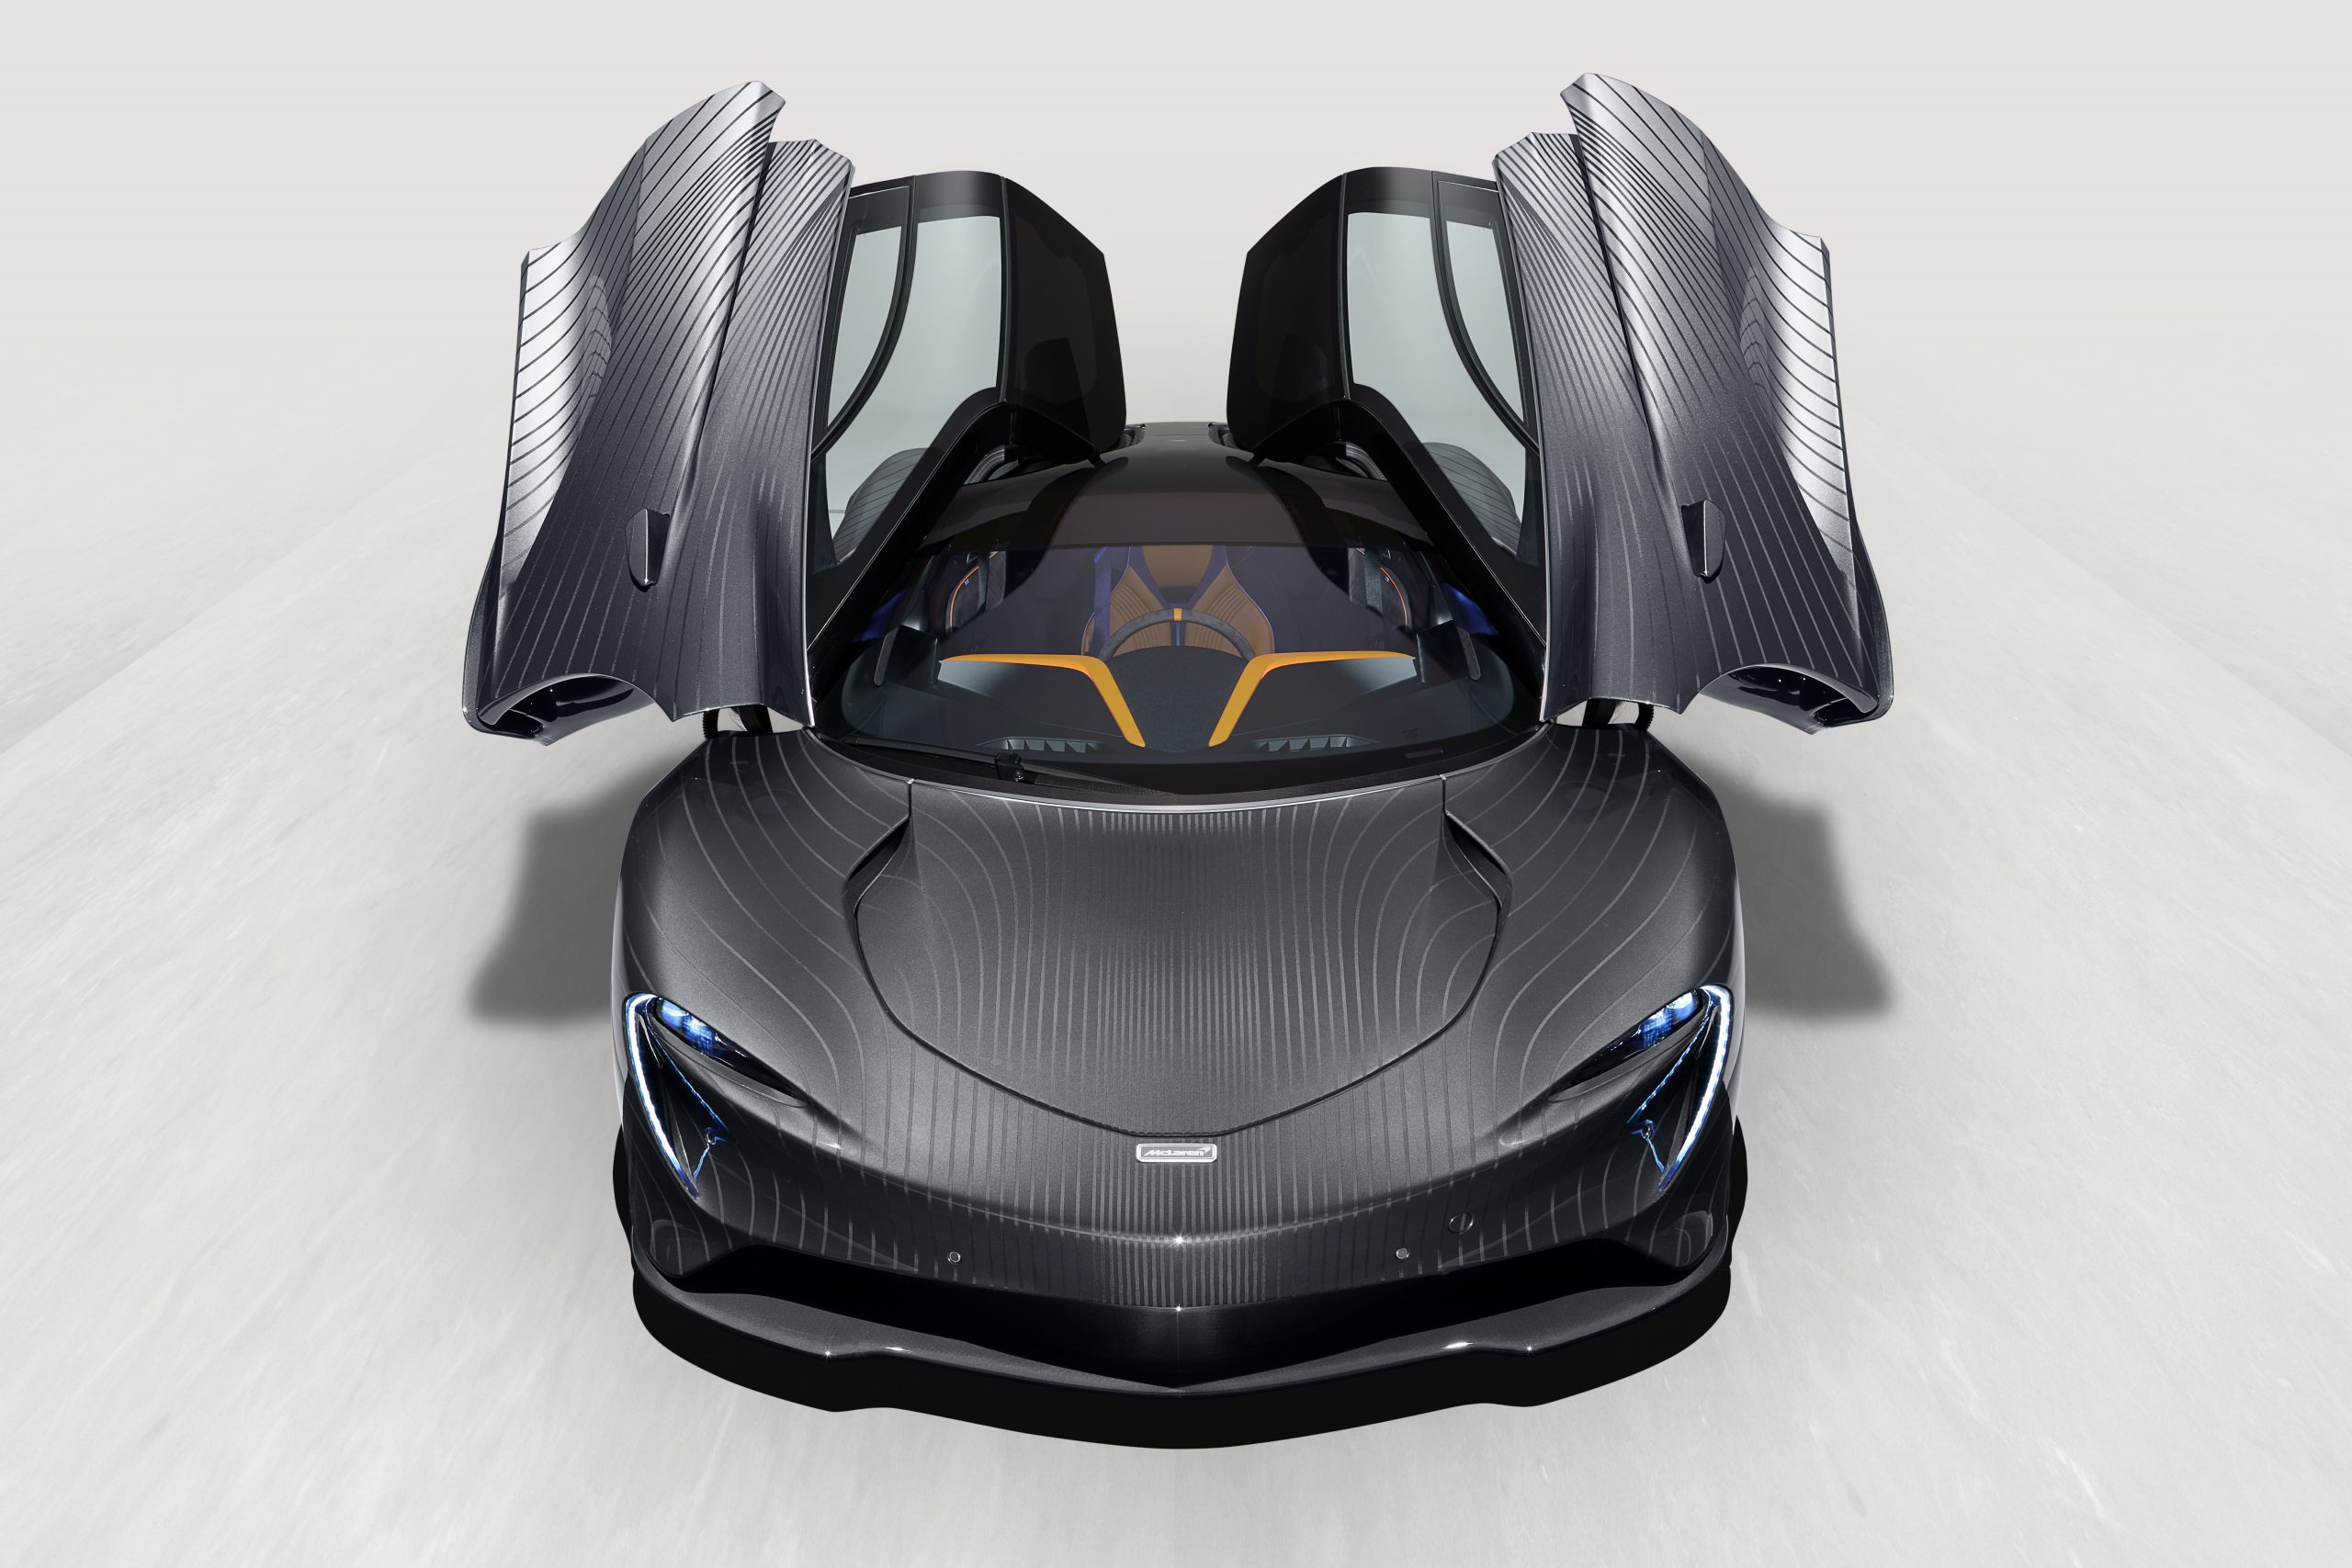 McLaren MSO Albert Speedtail doors up